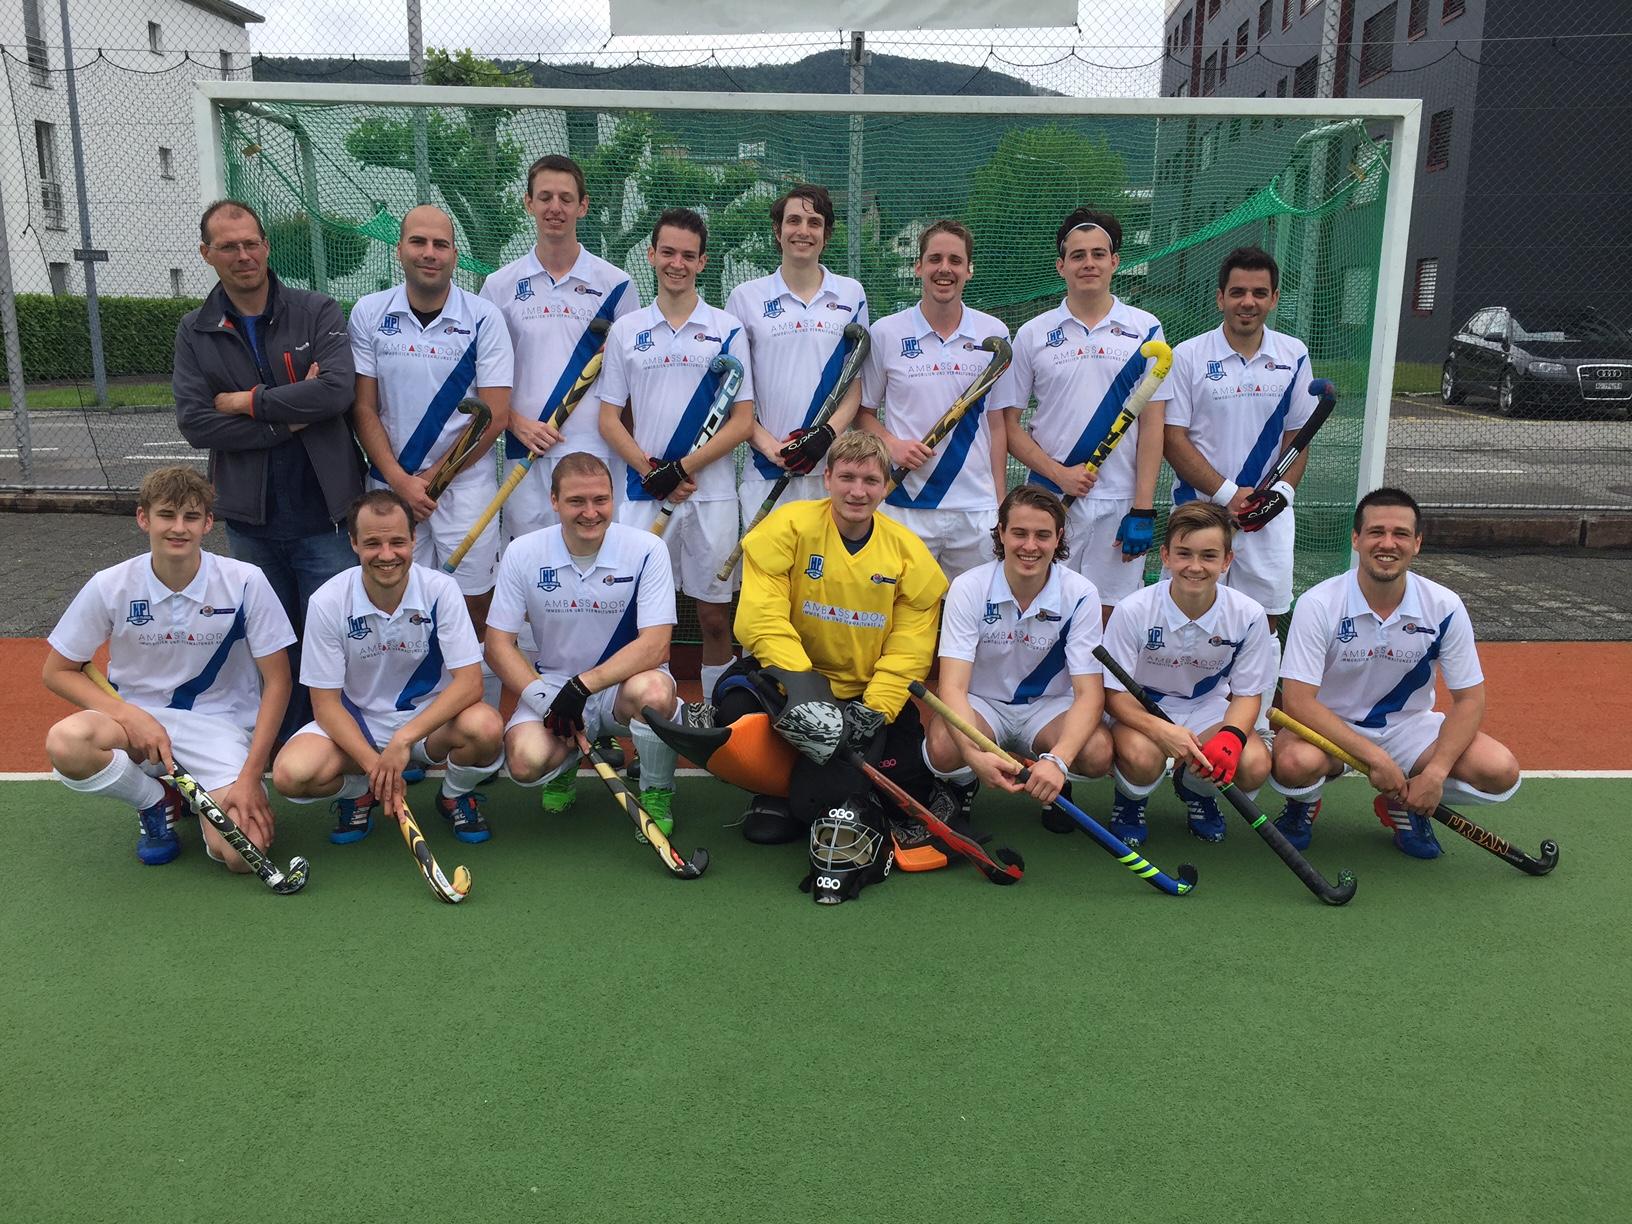 Herren 1 Saison 2015/16